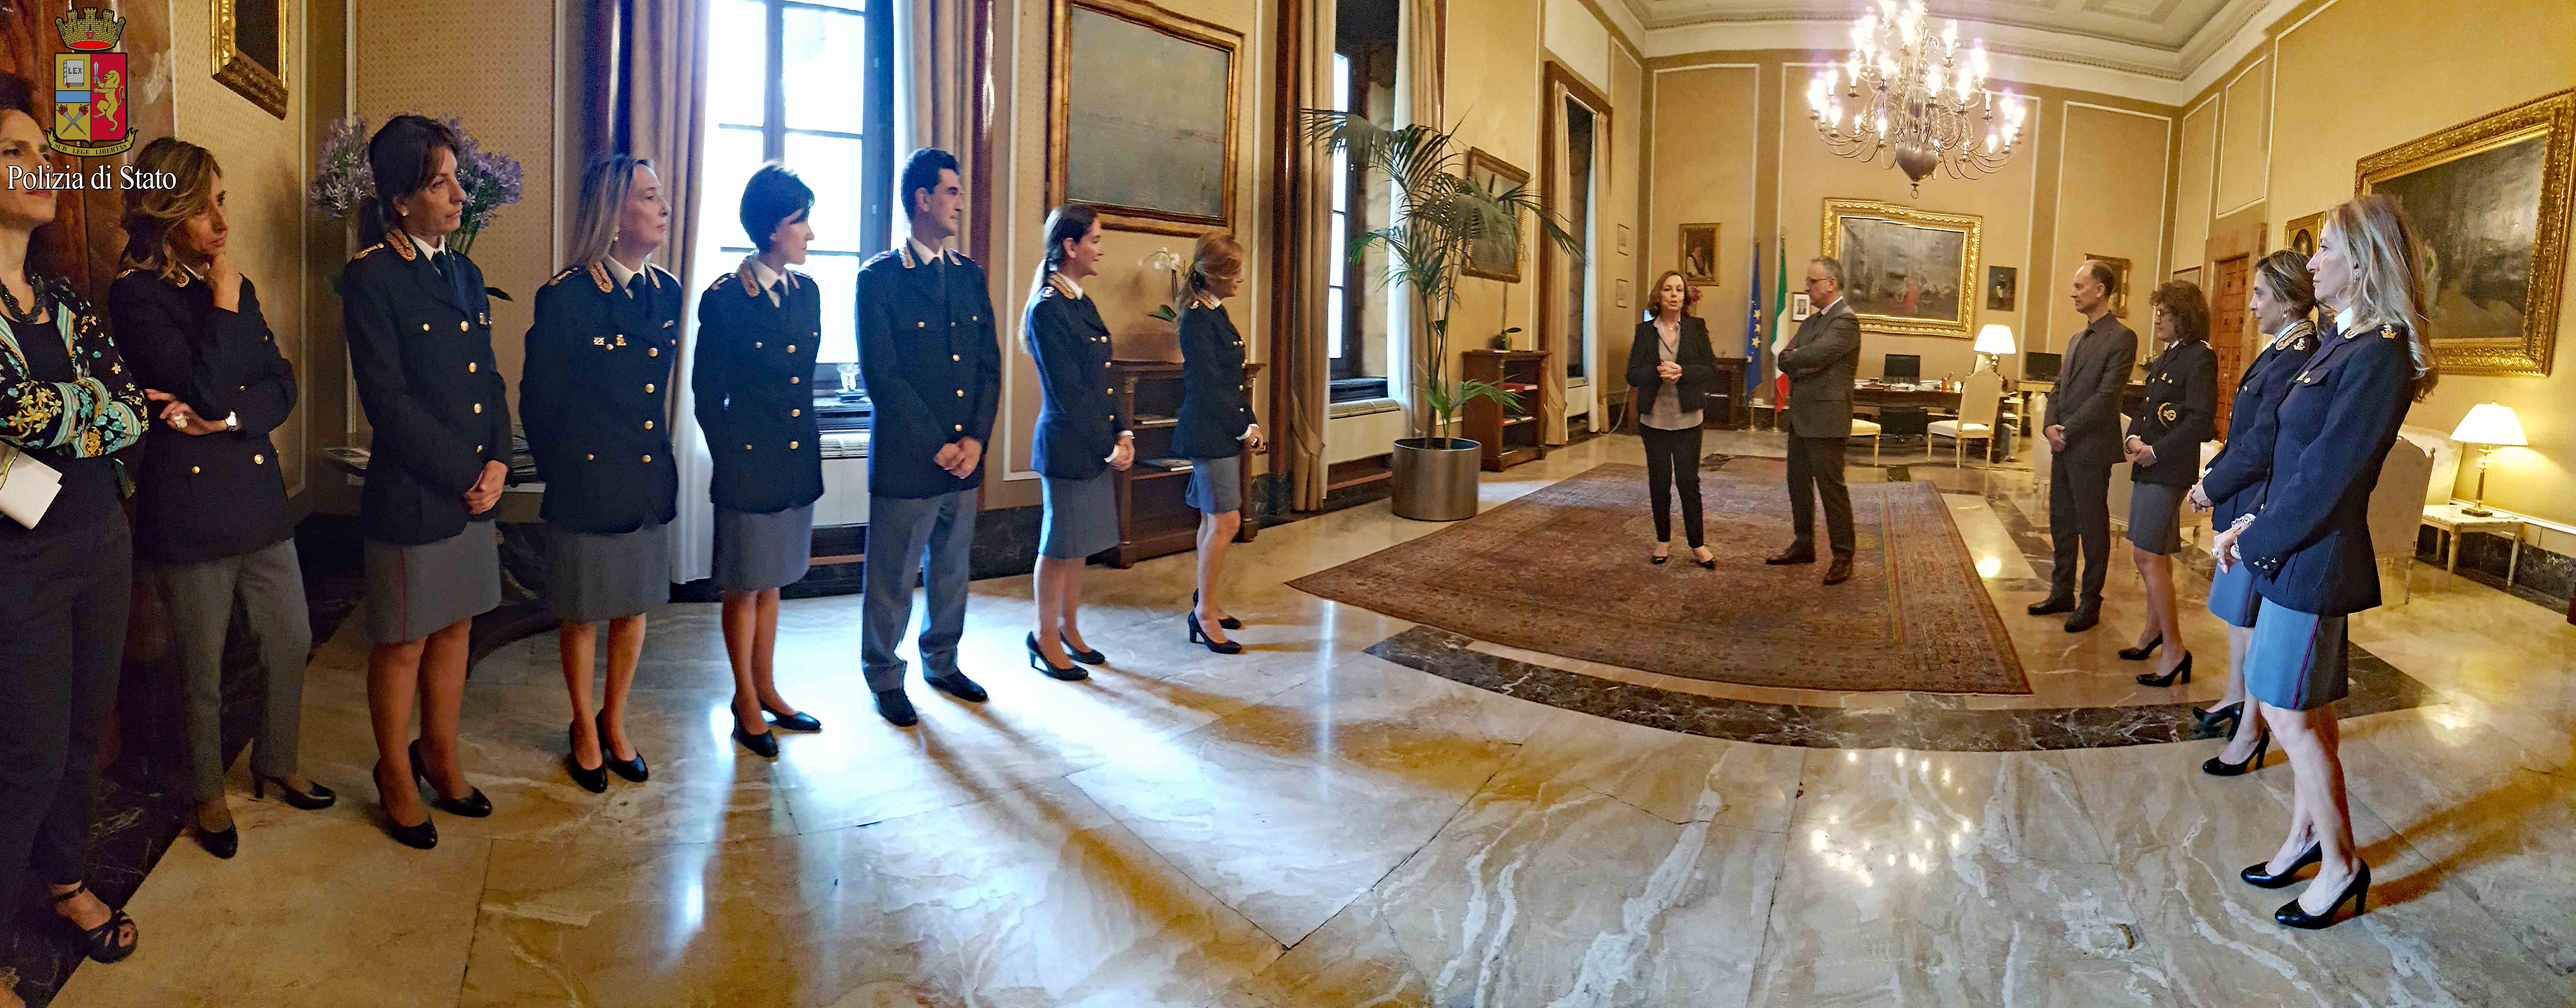 Il questore di milano presenta i nuovi dirigenti della for Questura di polizia